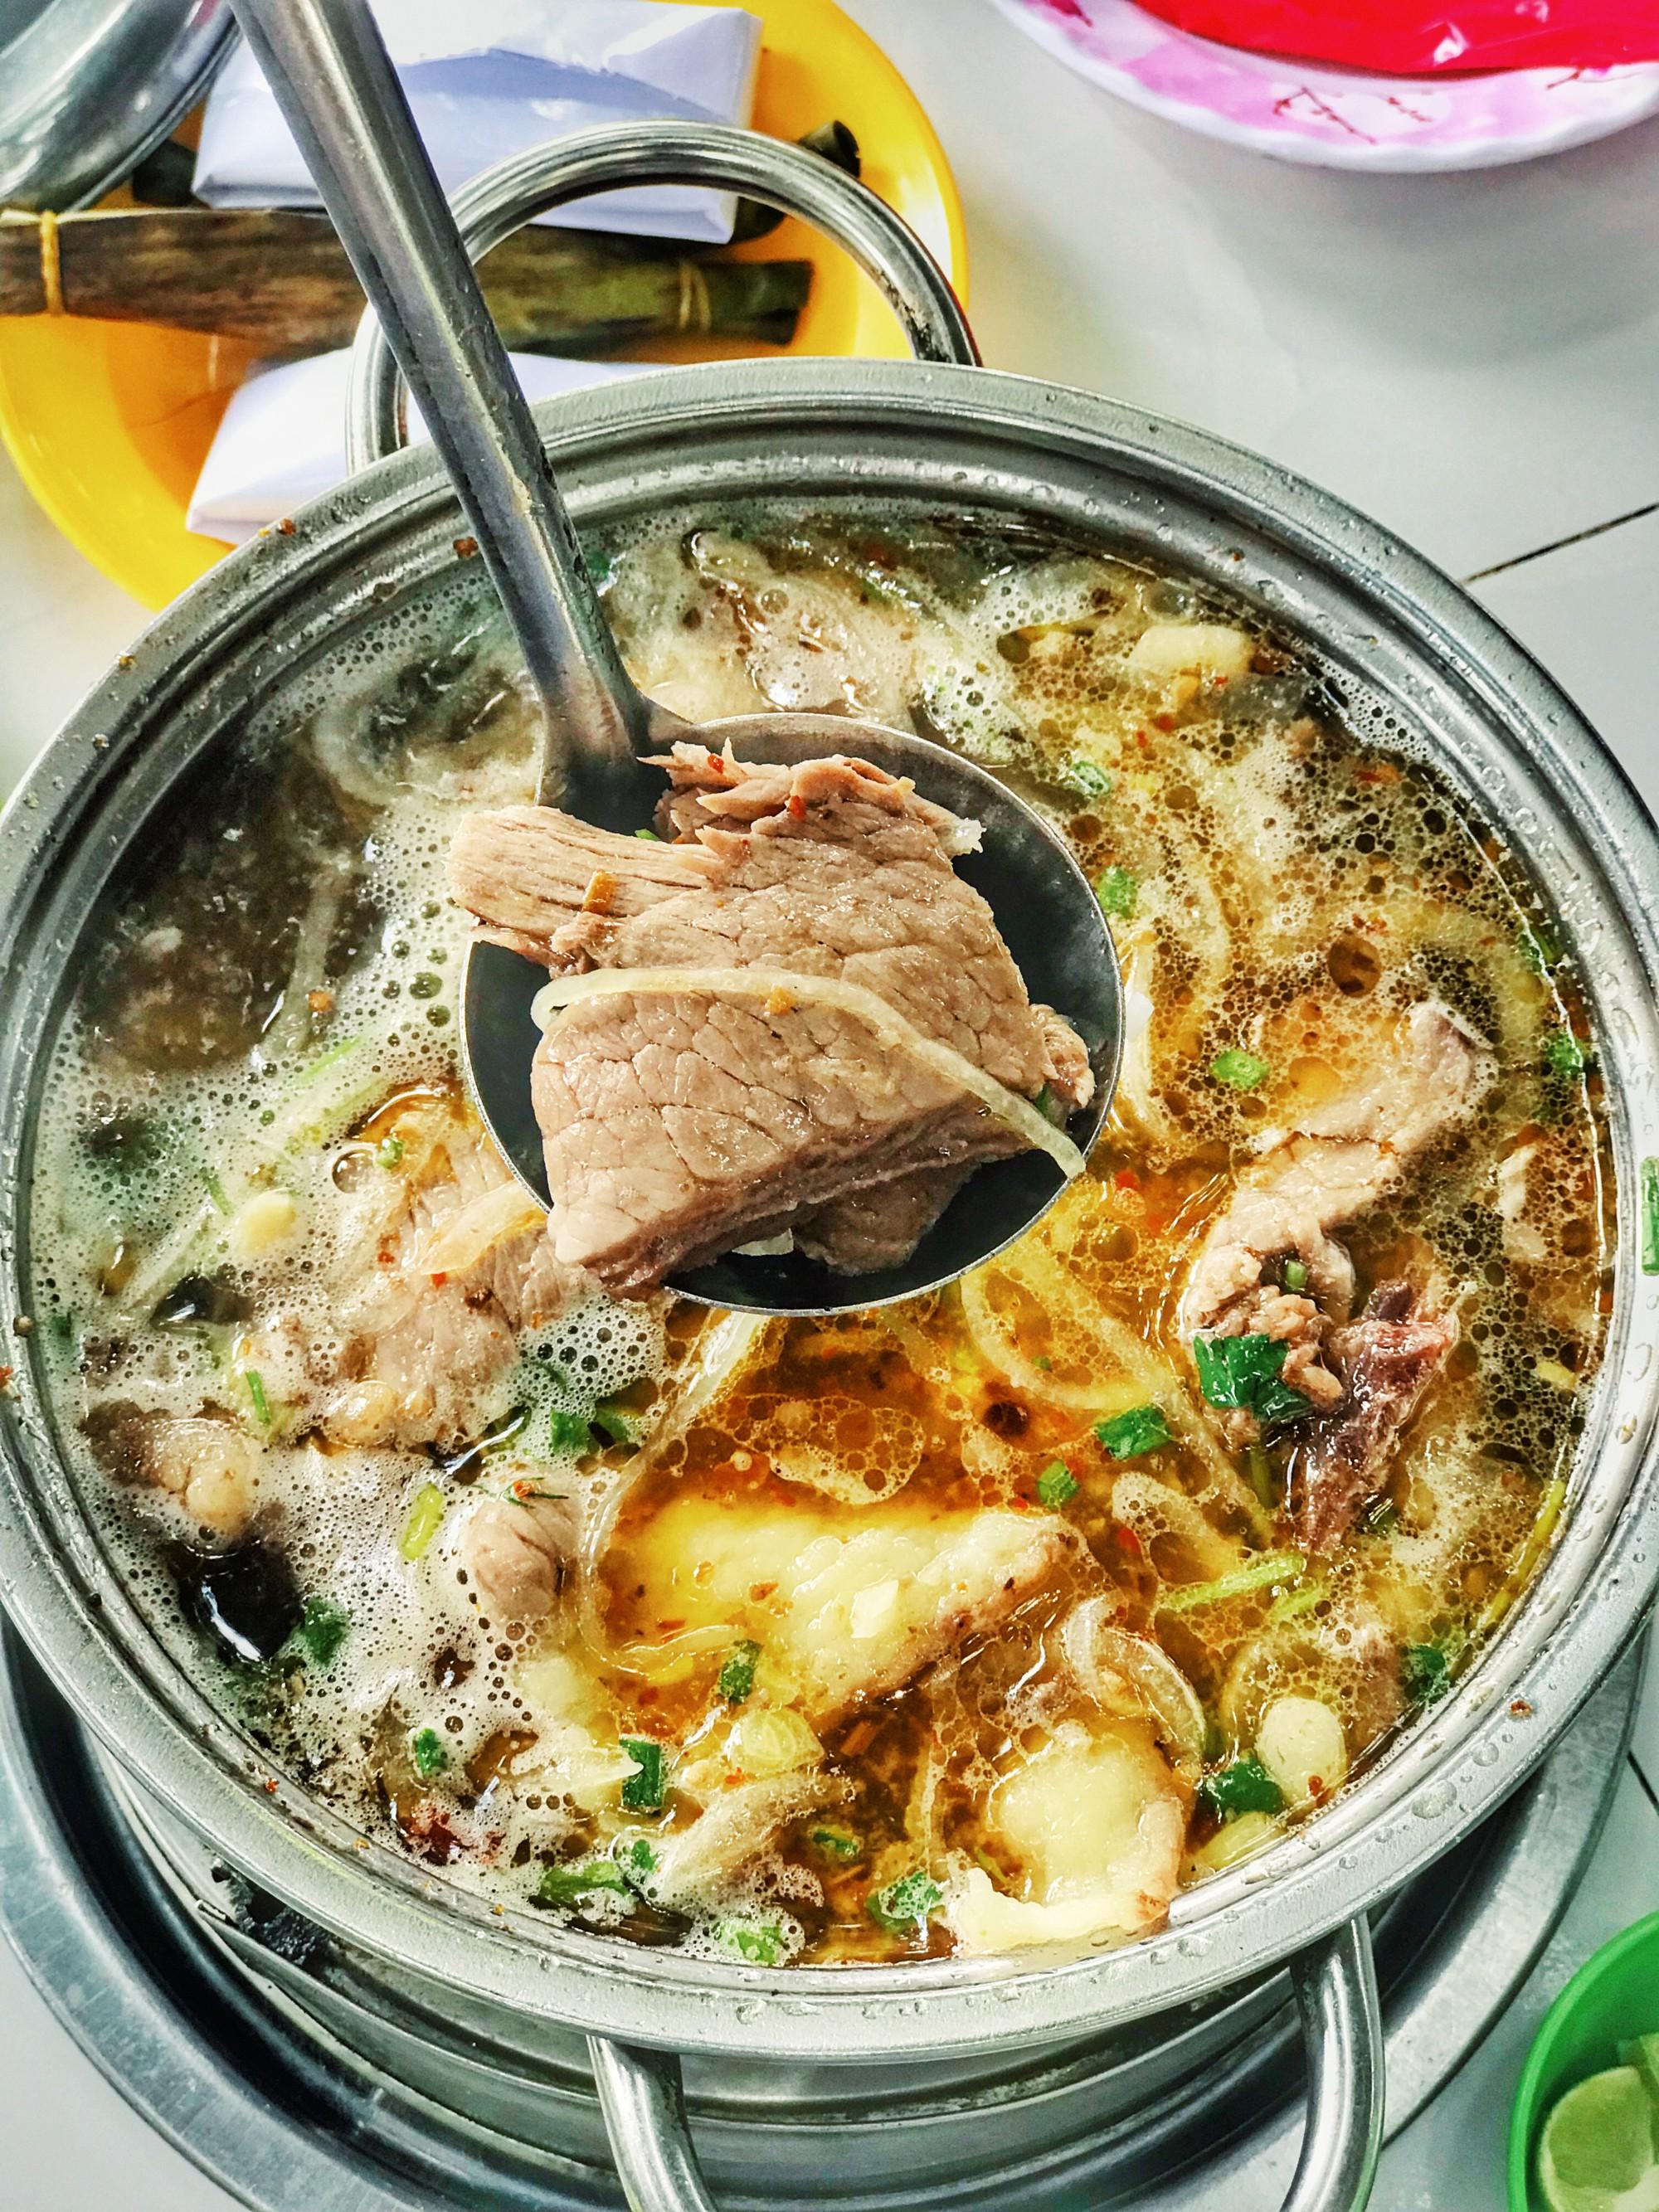 Quán lẩu bò nổi tiếng khiến người Sài Gòn lặn lội hàng chục cây số đến thưởng thức - Ảnh 4.